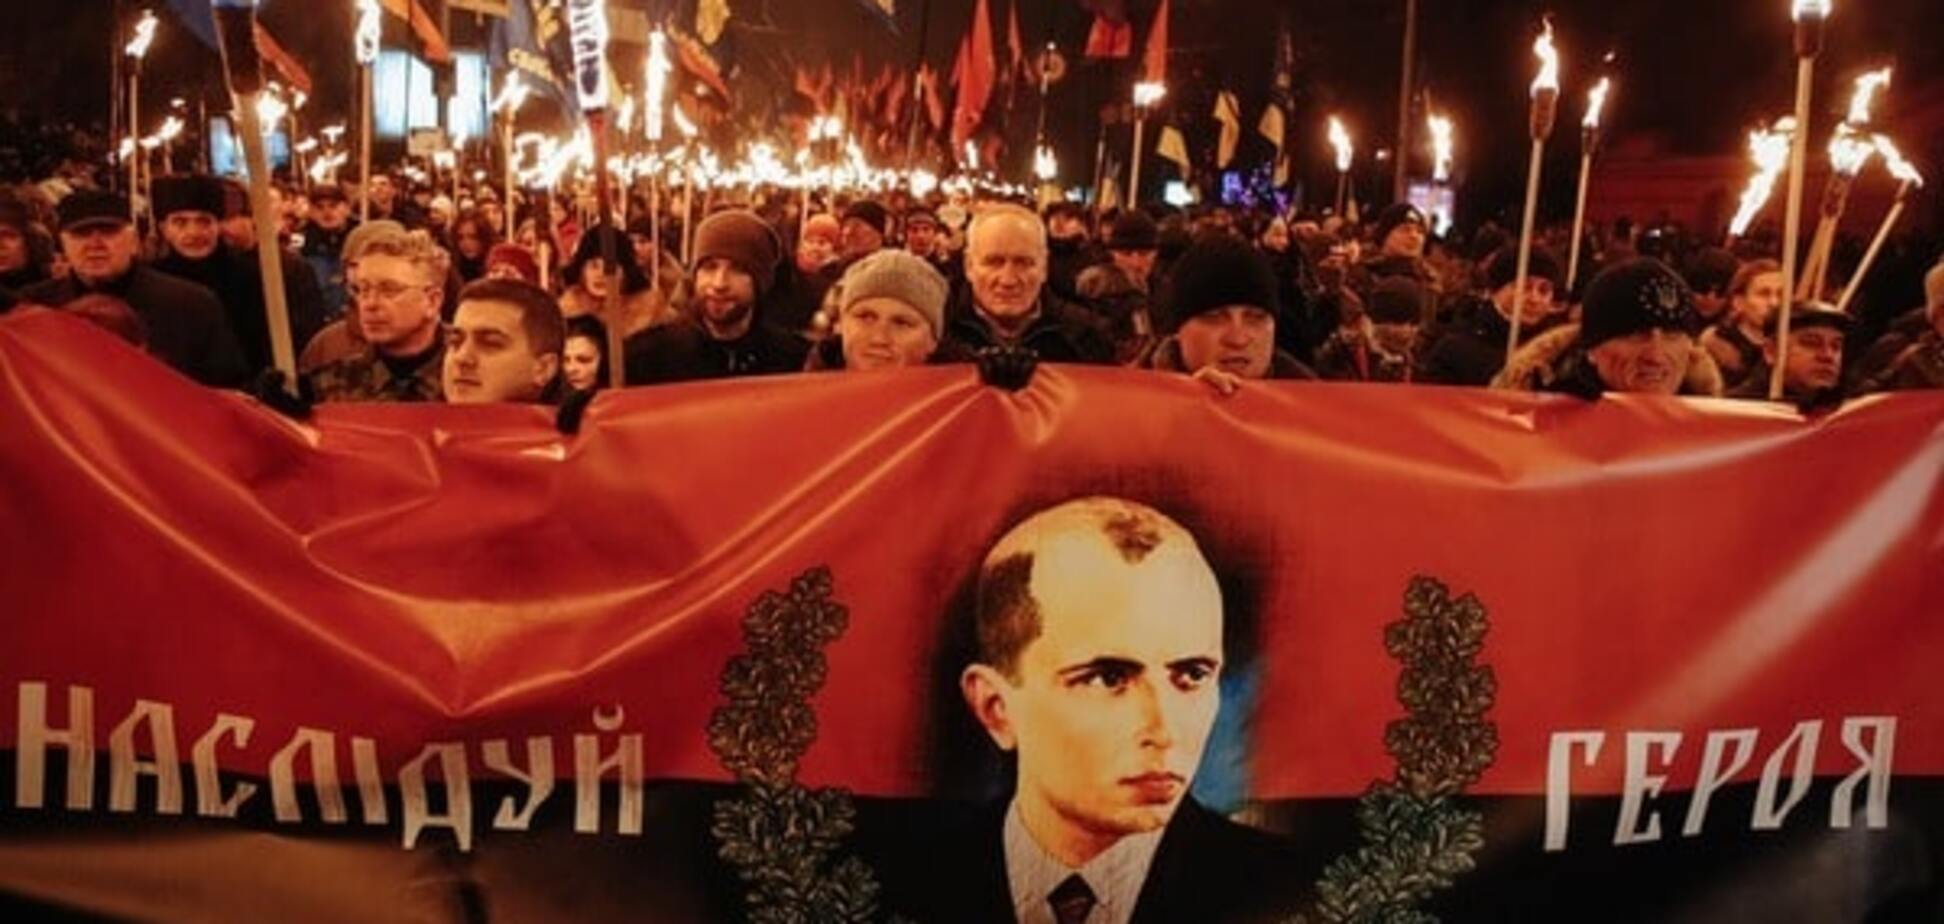 Дещиця: переконуємо поляків, що вшанування УПА направлено проти Росії, а не Польщі